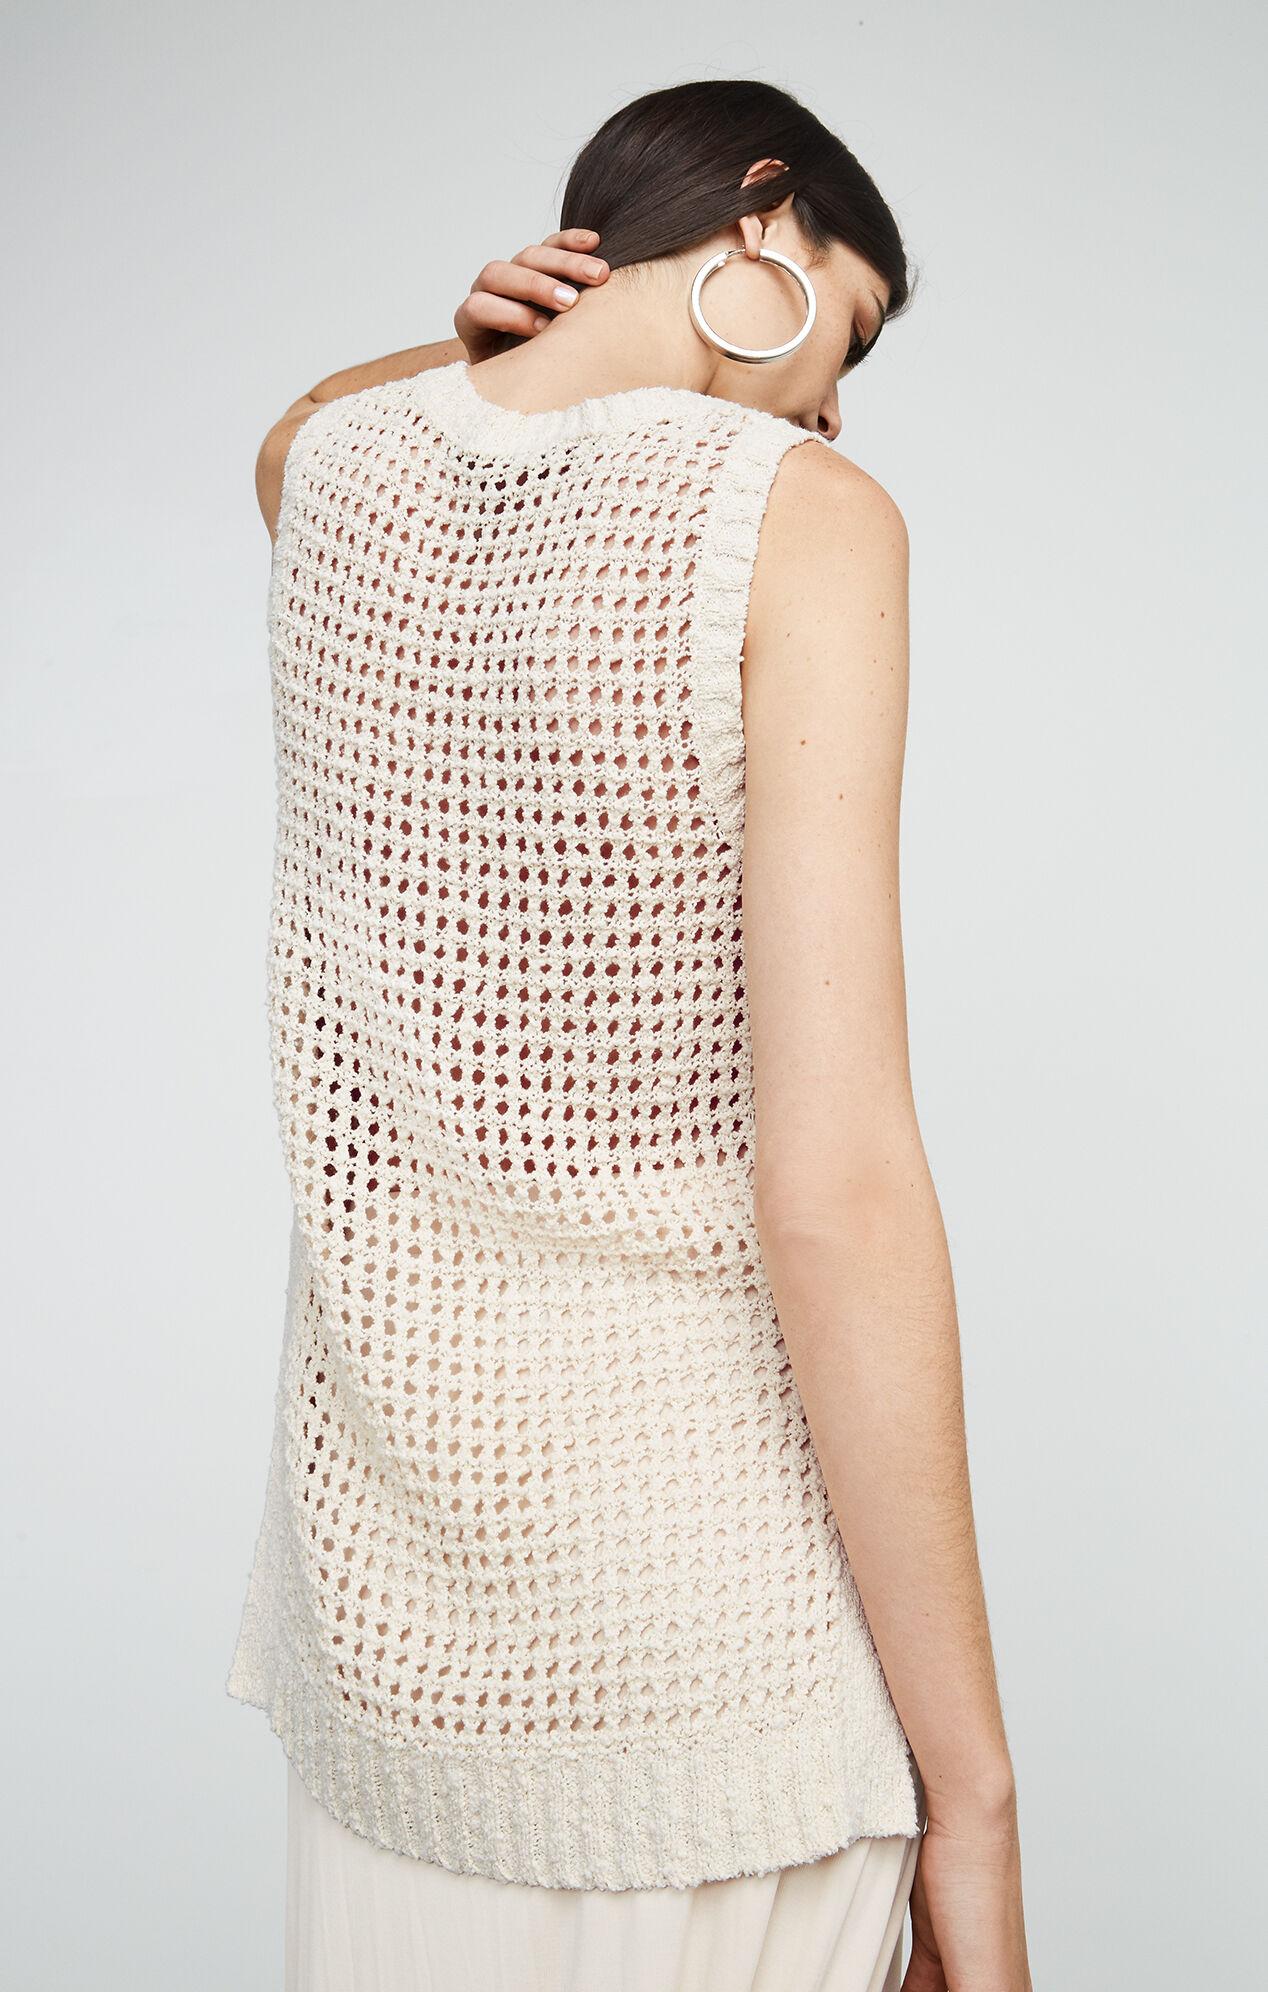 Sandi Stitched Tank Top